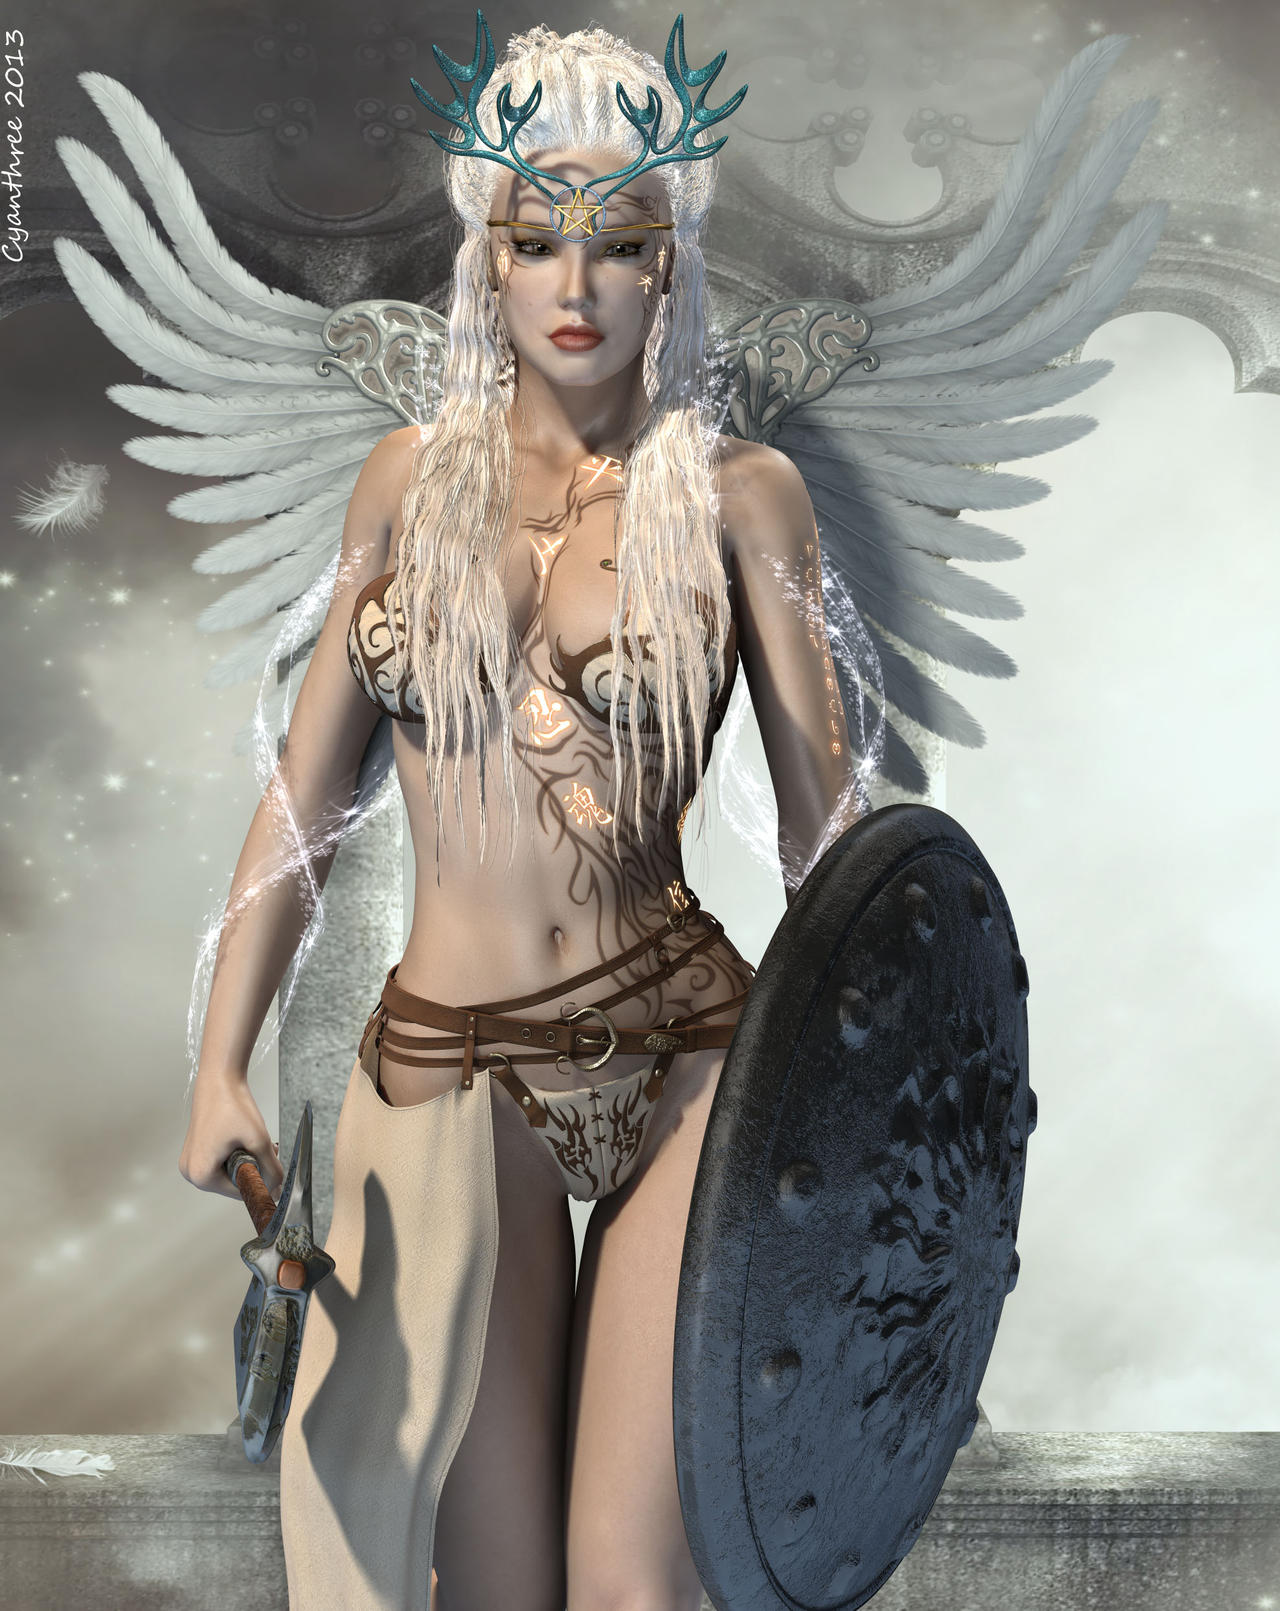 angel photoshop fantasy famale - photo #24